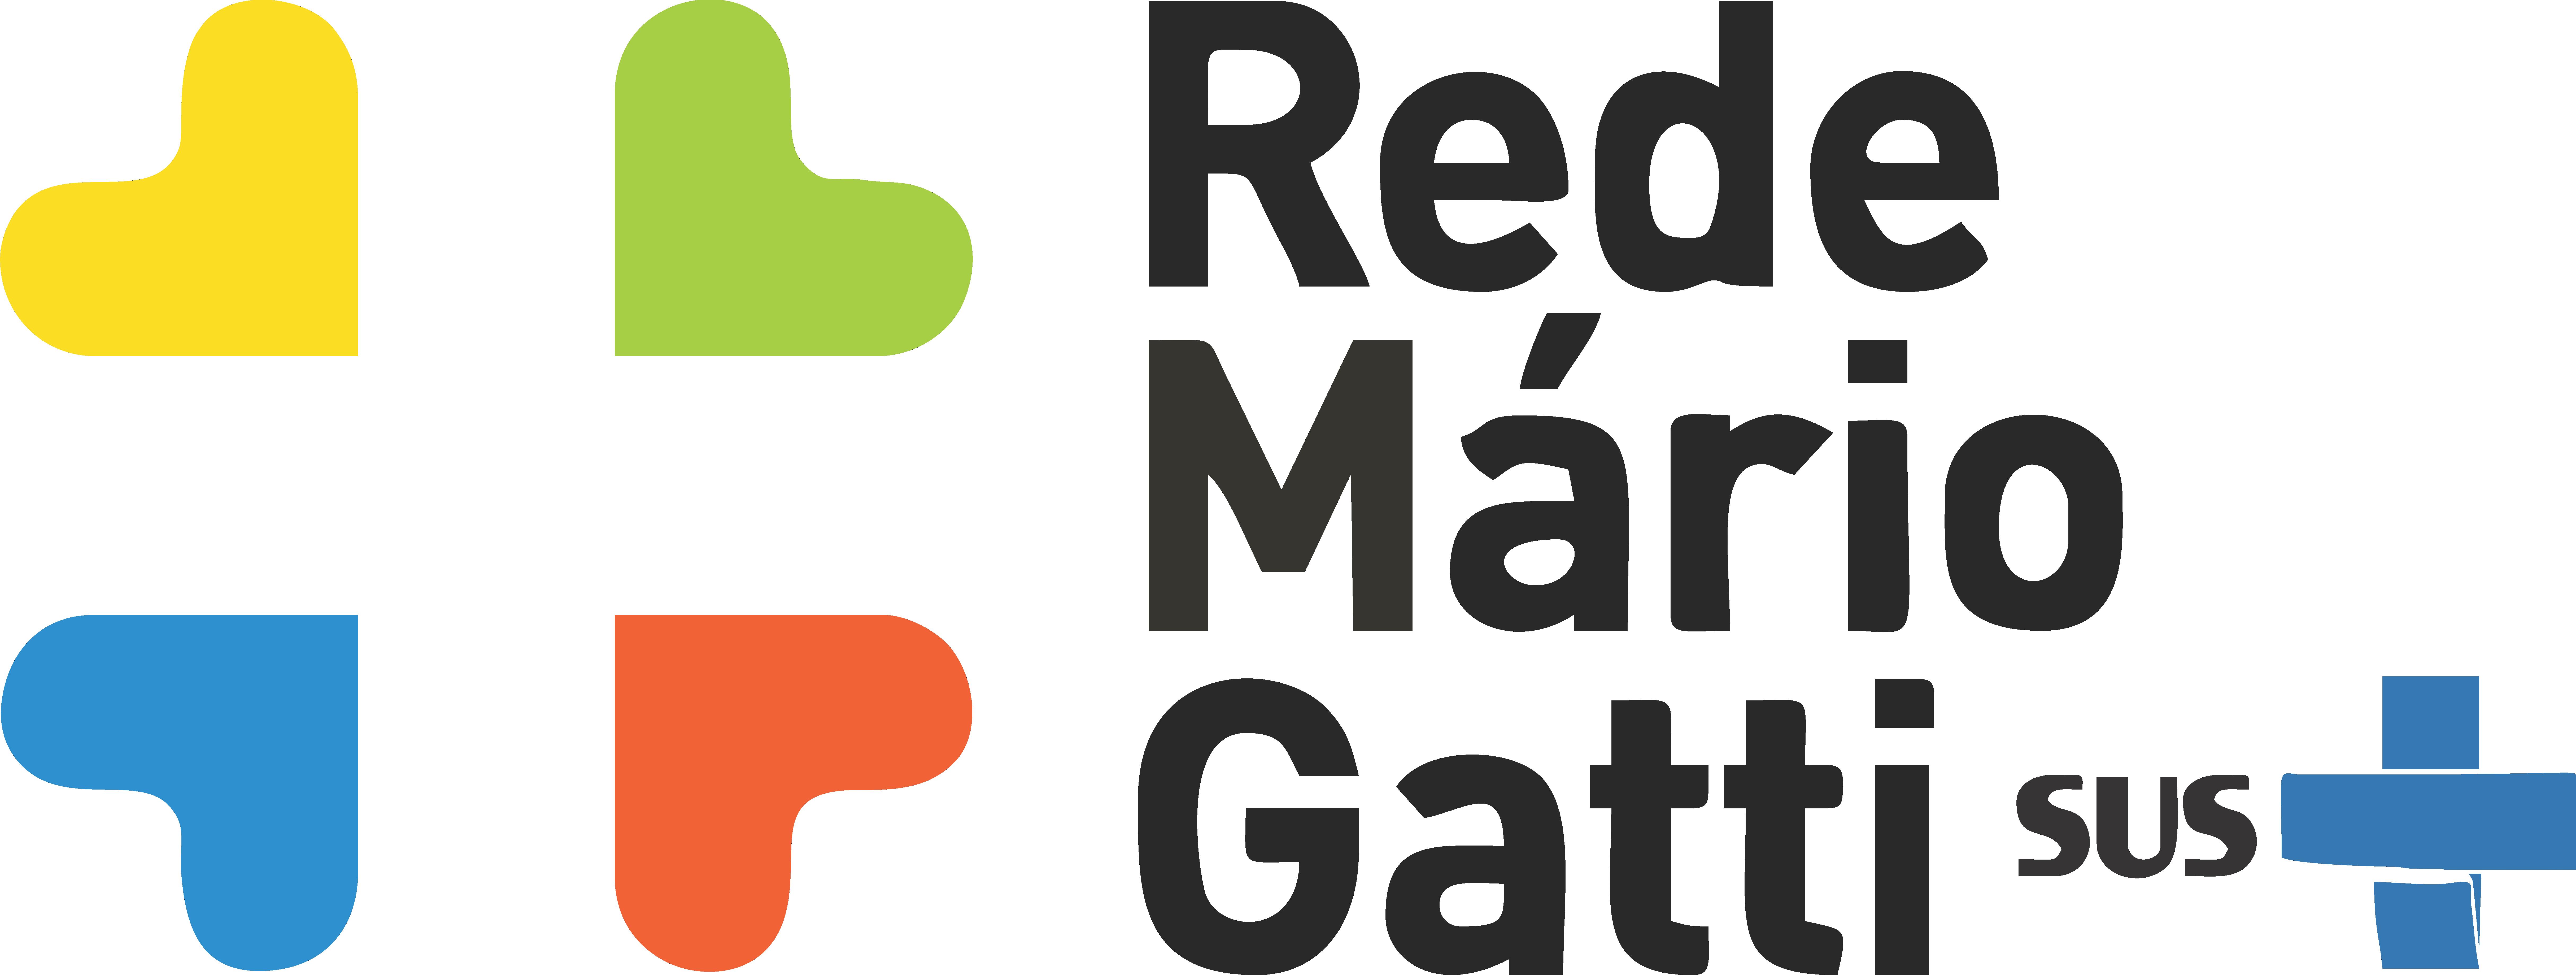 Logo do Website